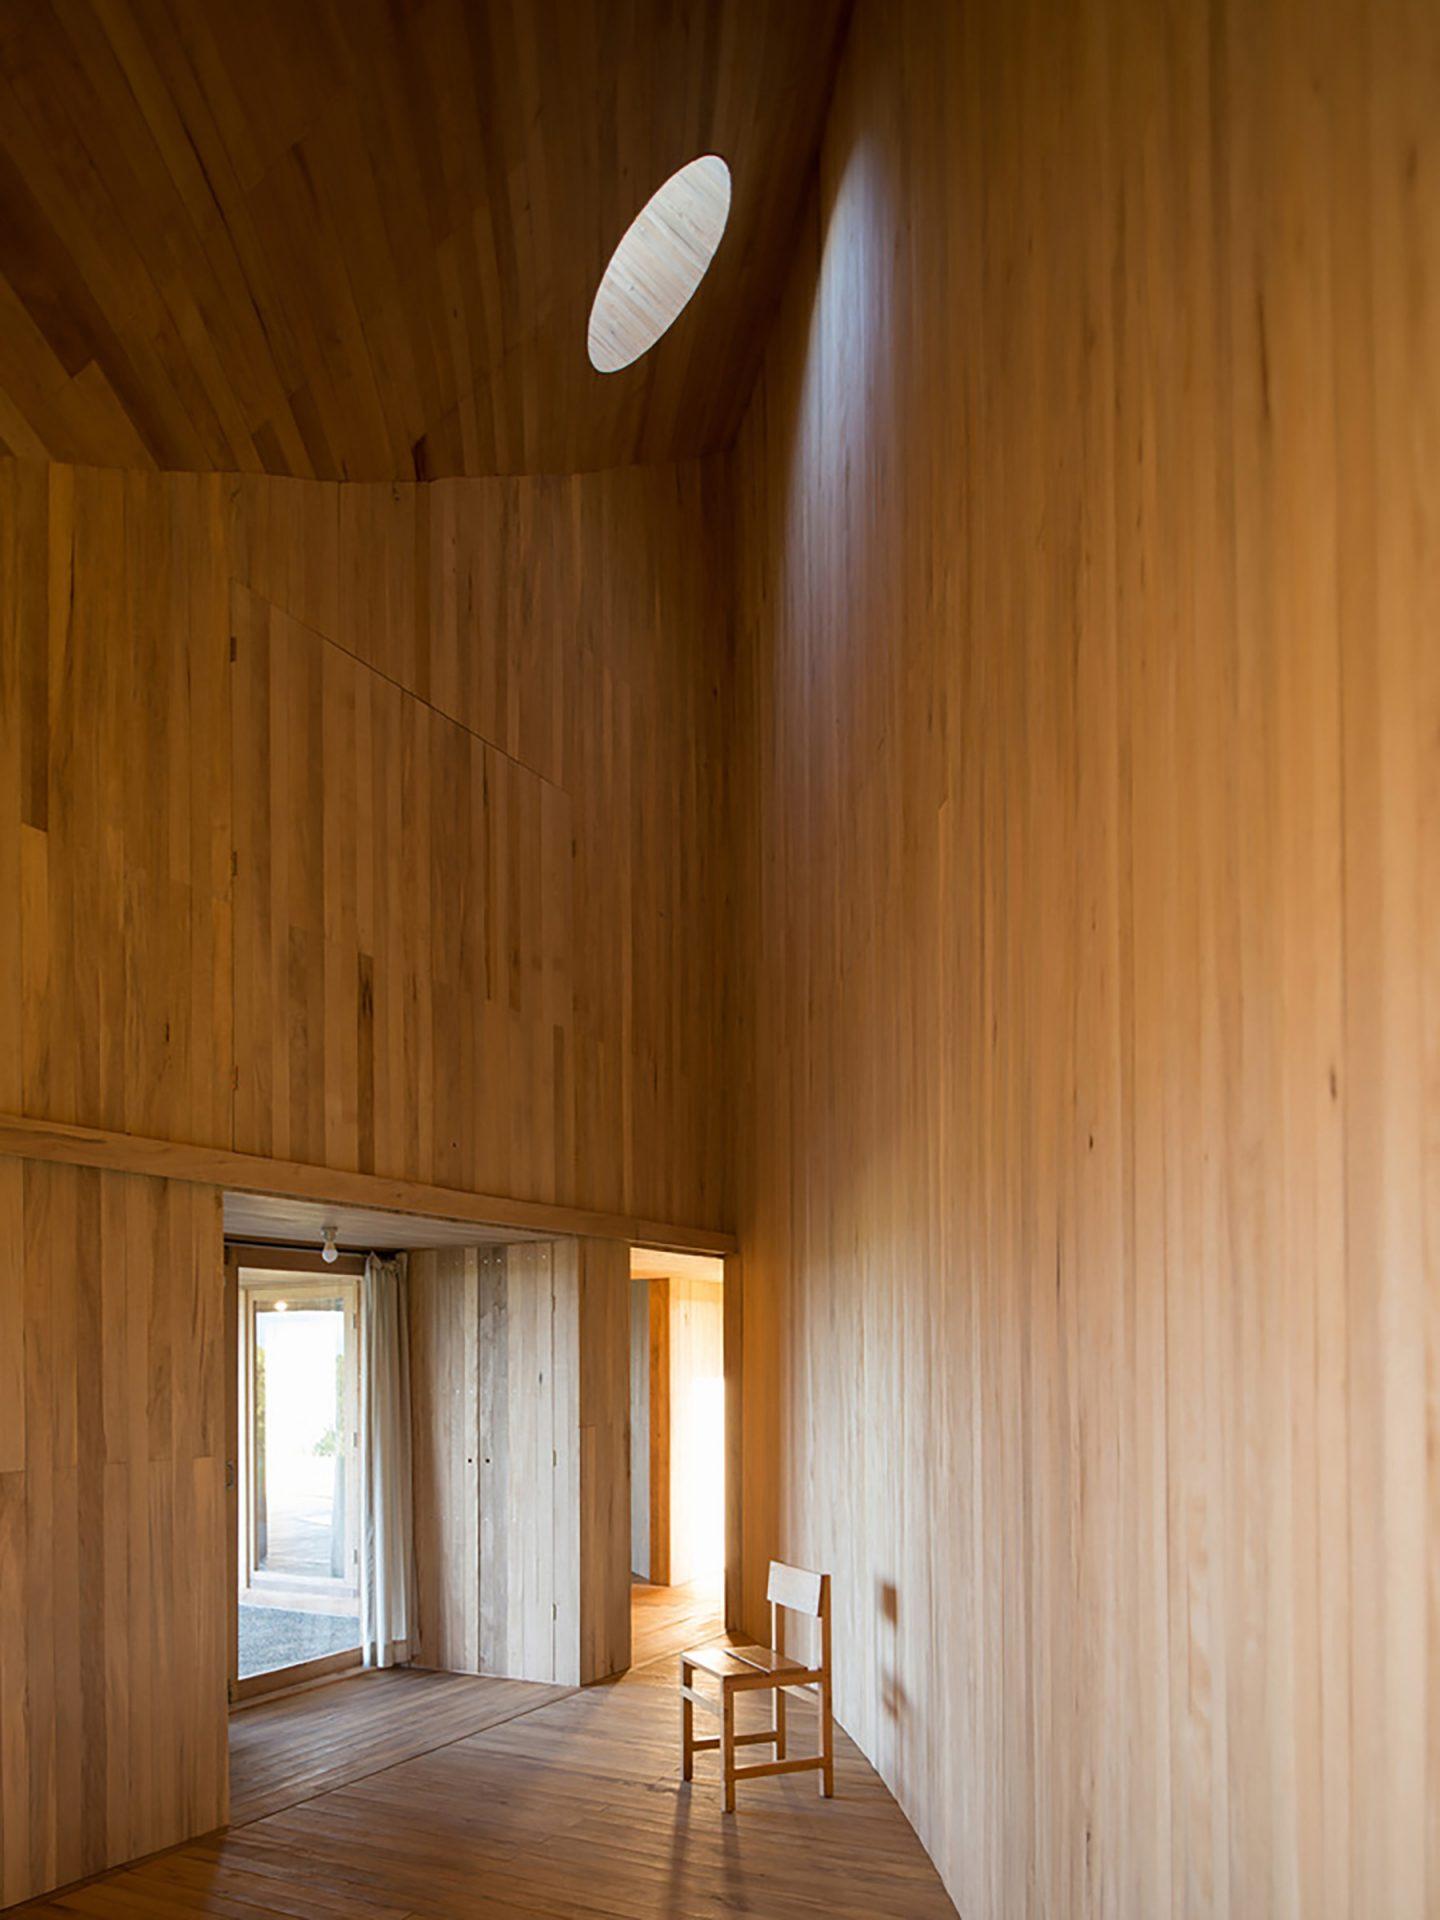 iGNANT-Architecture-Pezo-von-Ellrichshausen-007